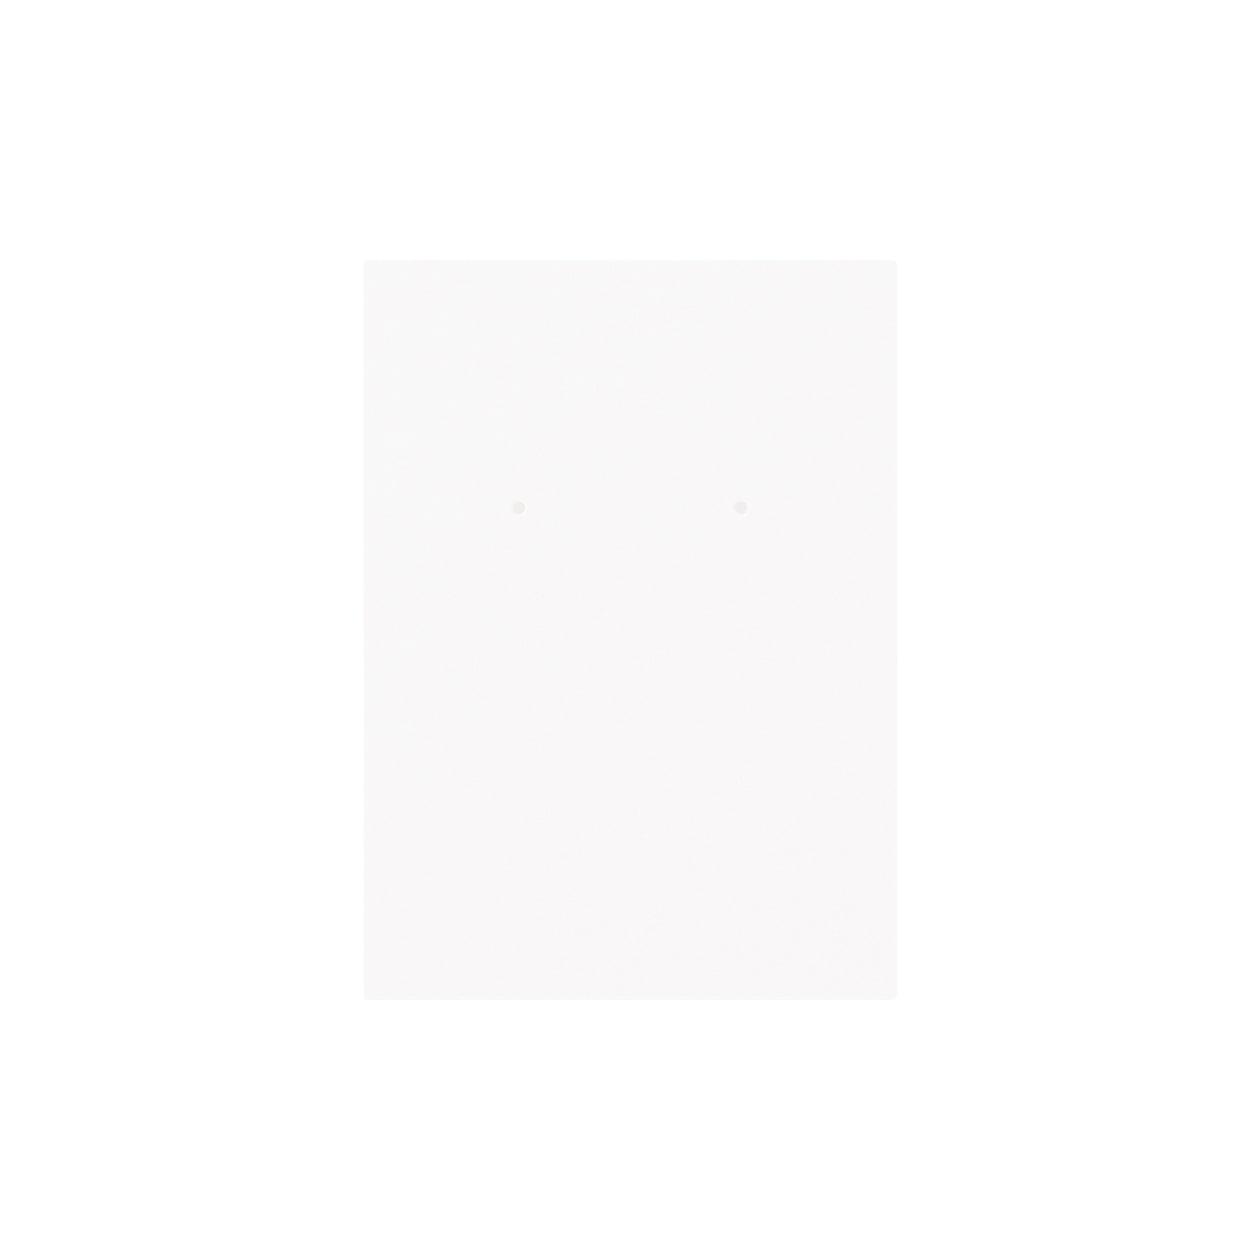 ピアス台紙 65×90上30mm コットンスノーホワイト 348.8g